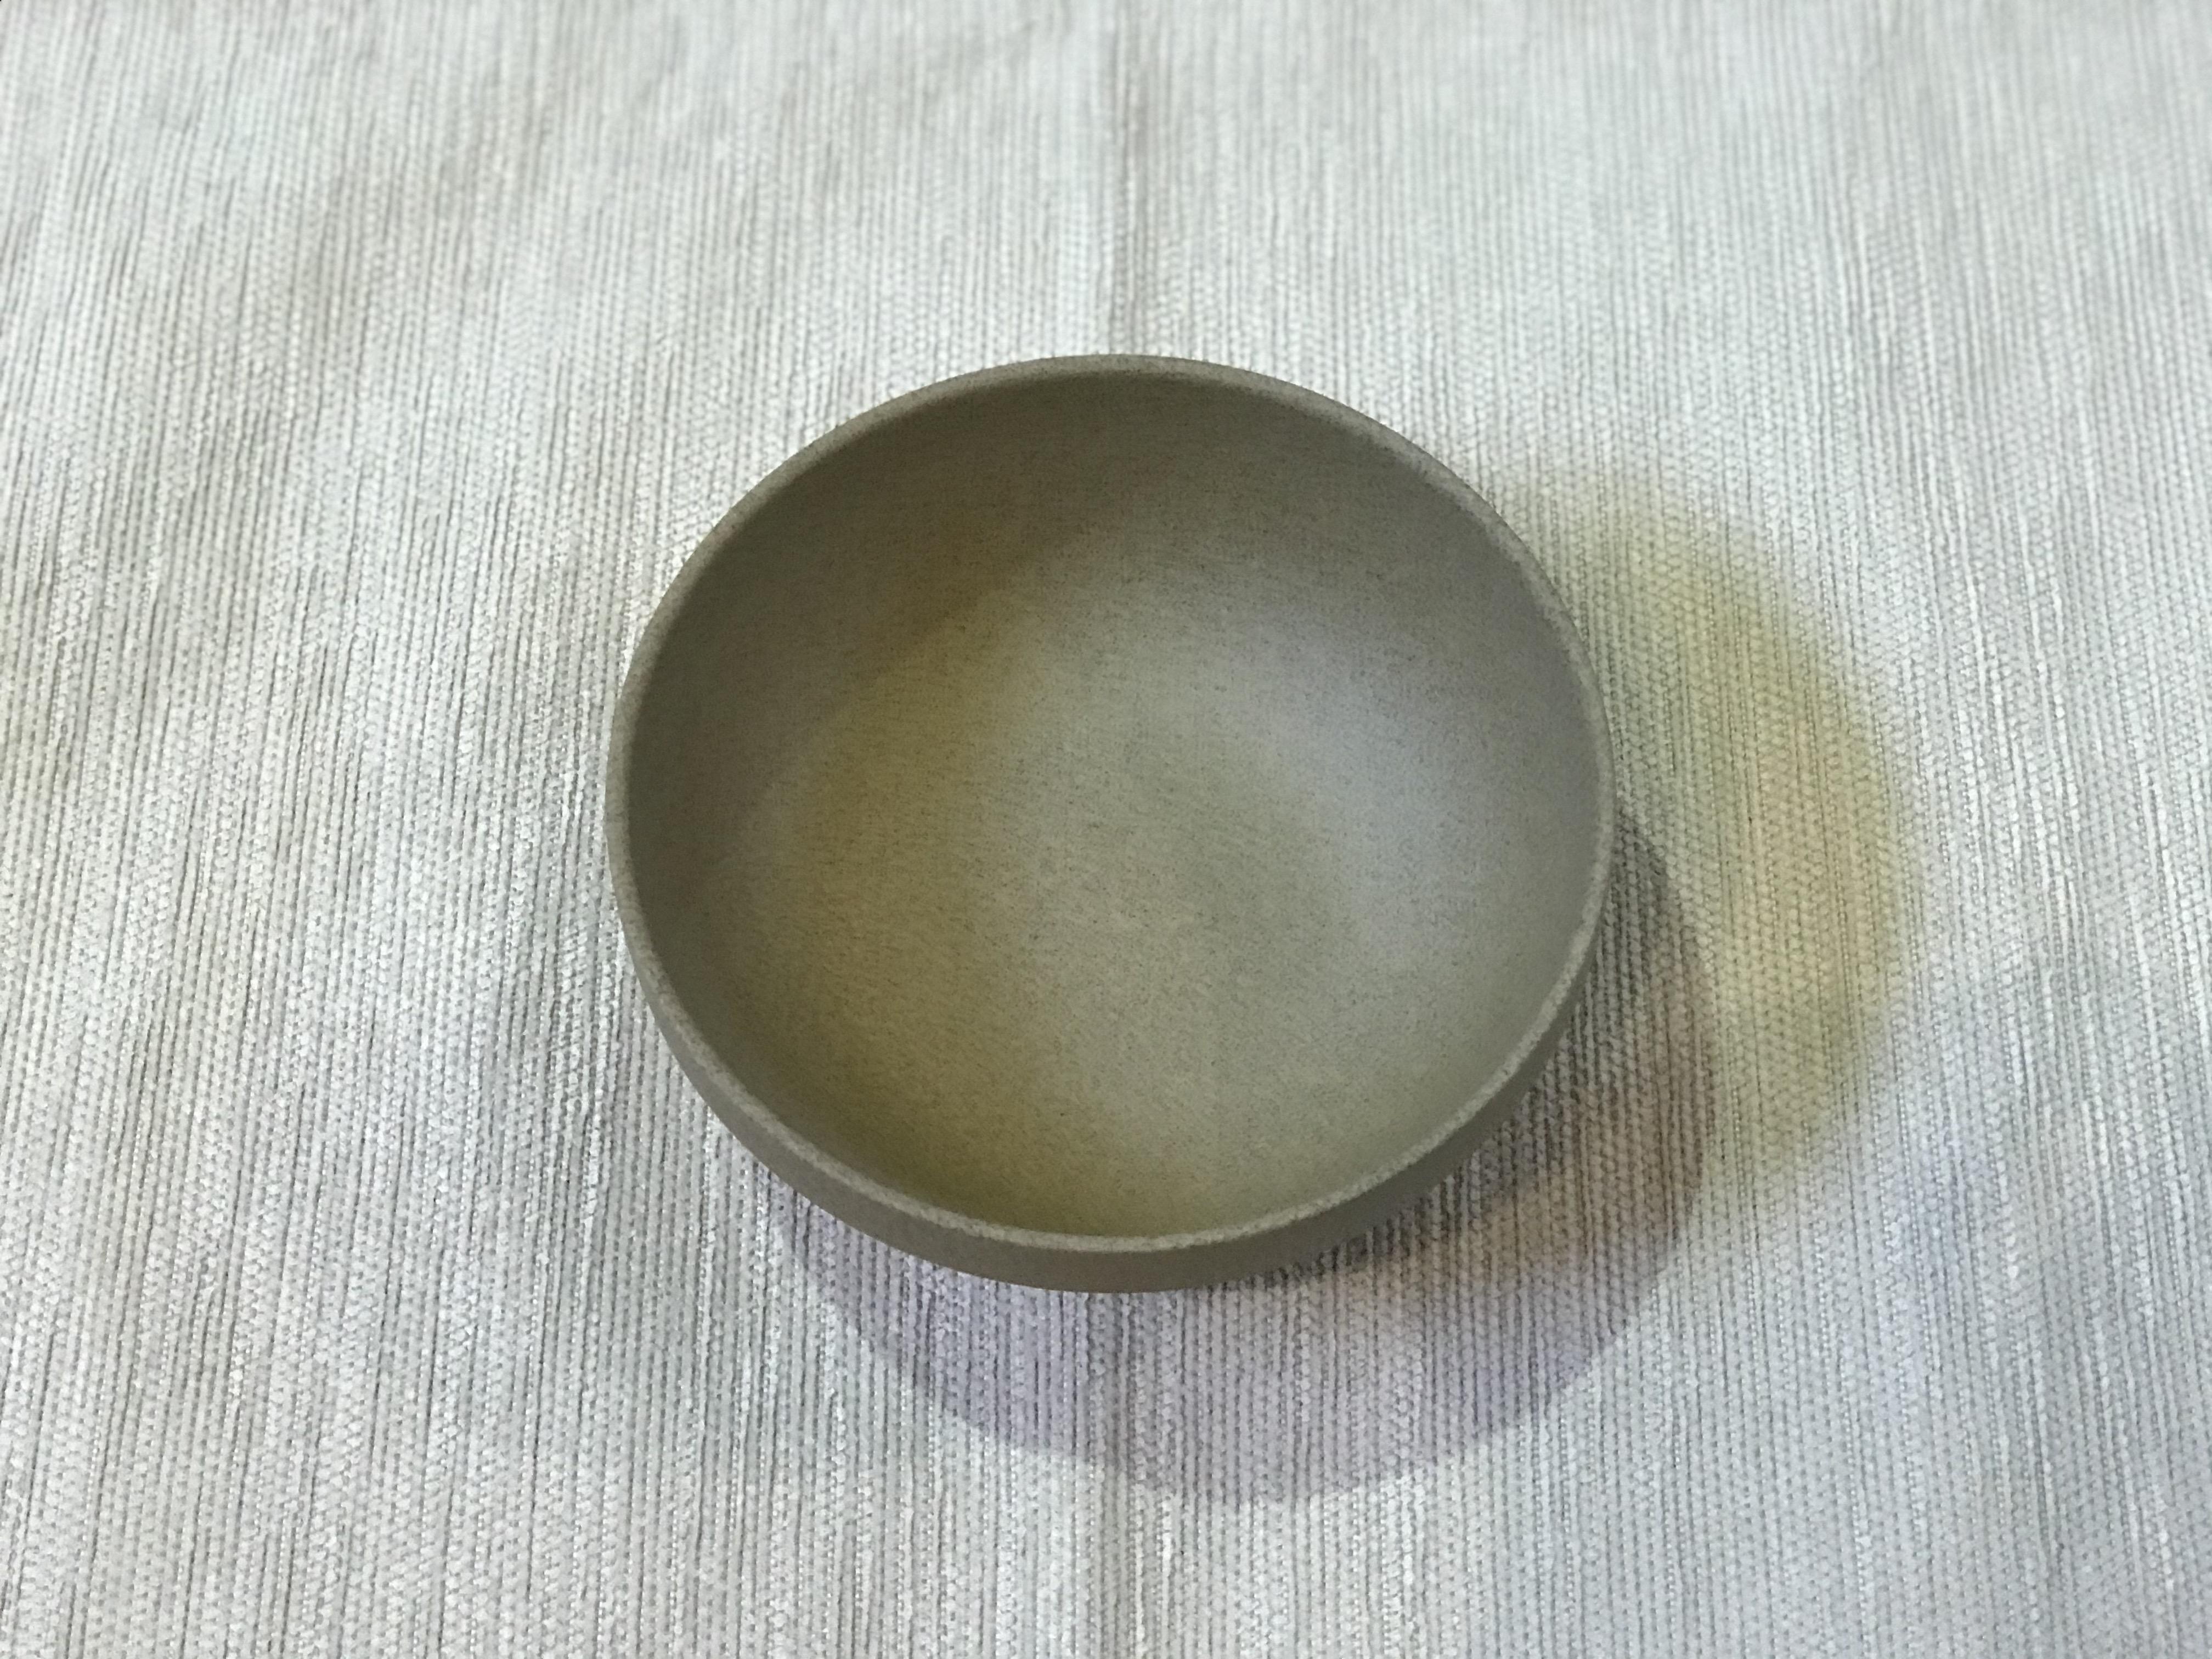 ボウル14.5cm 5